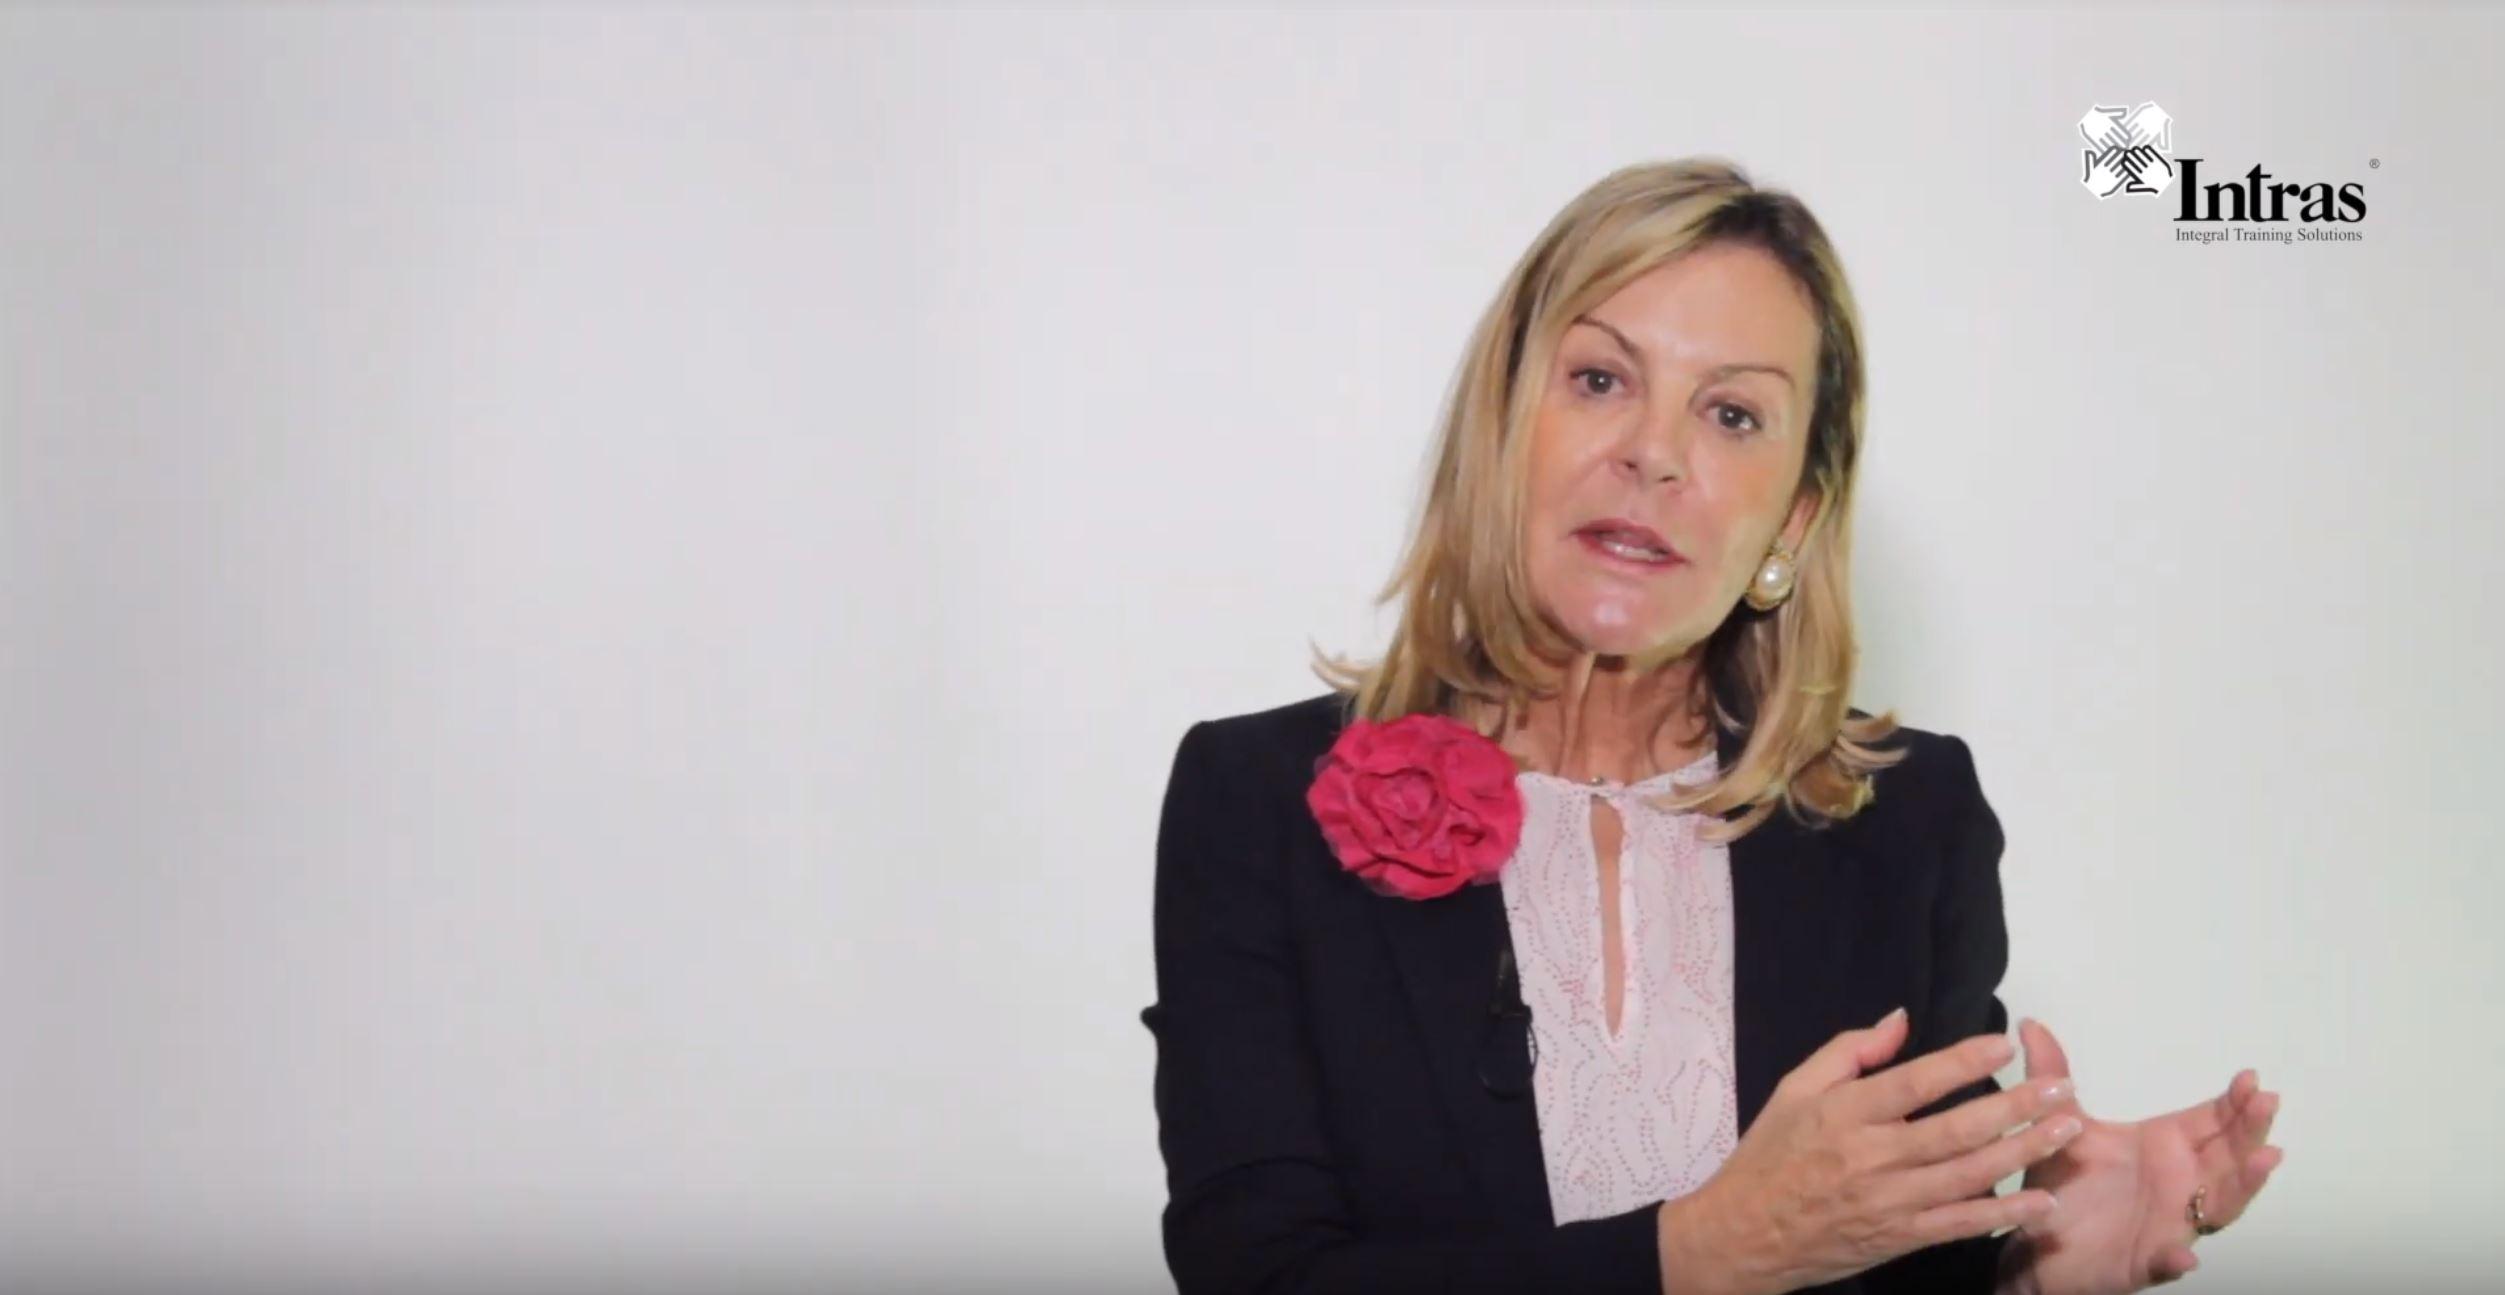 Vídeo - Hábitos de las personas con alta inteligencia emocional